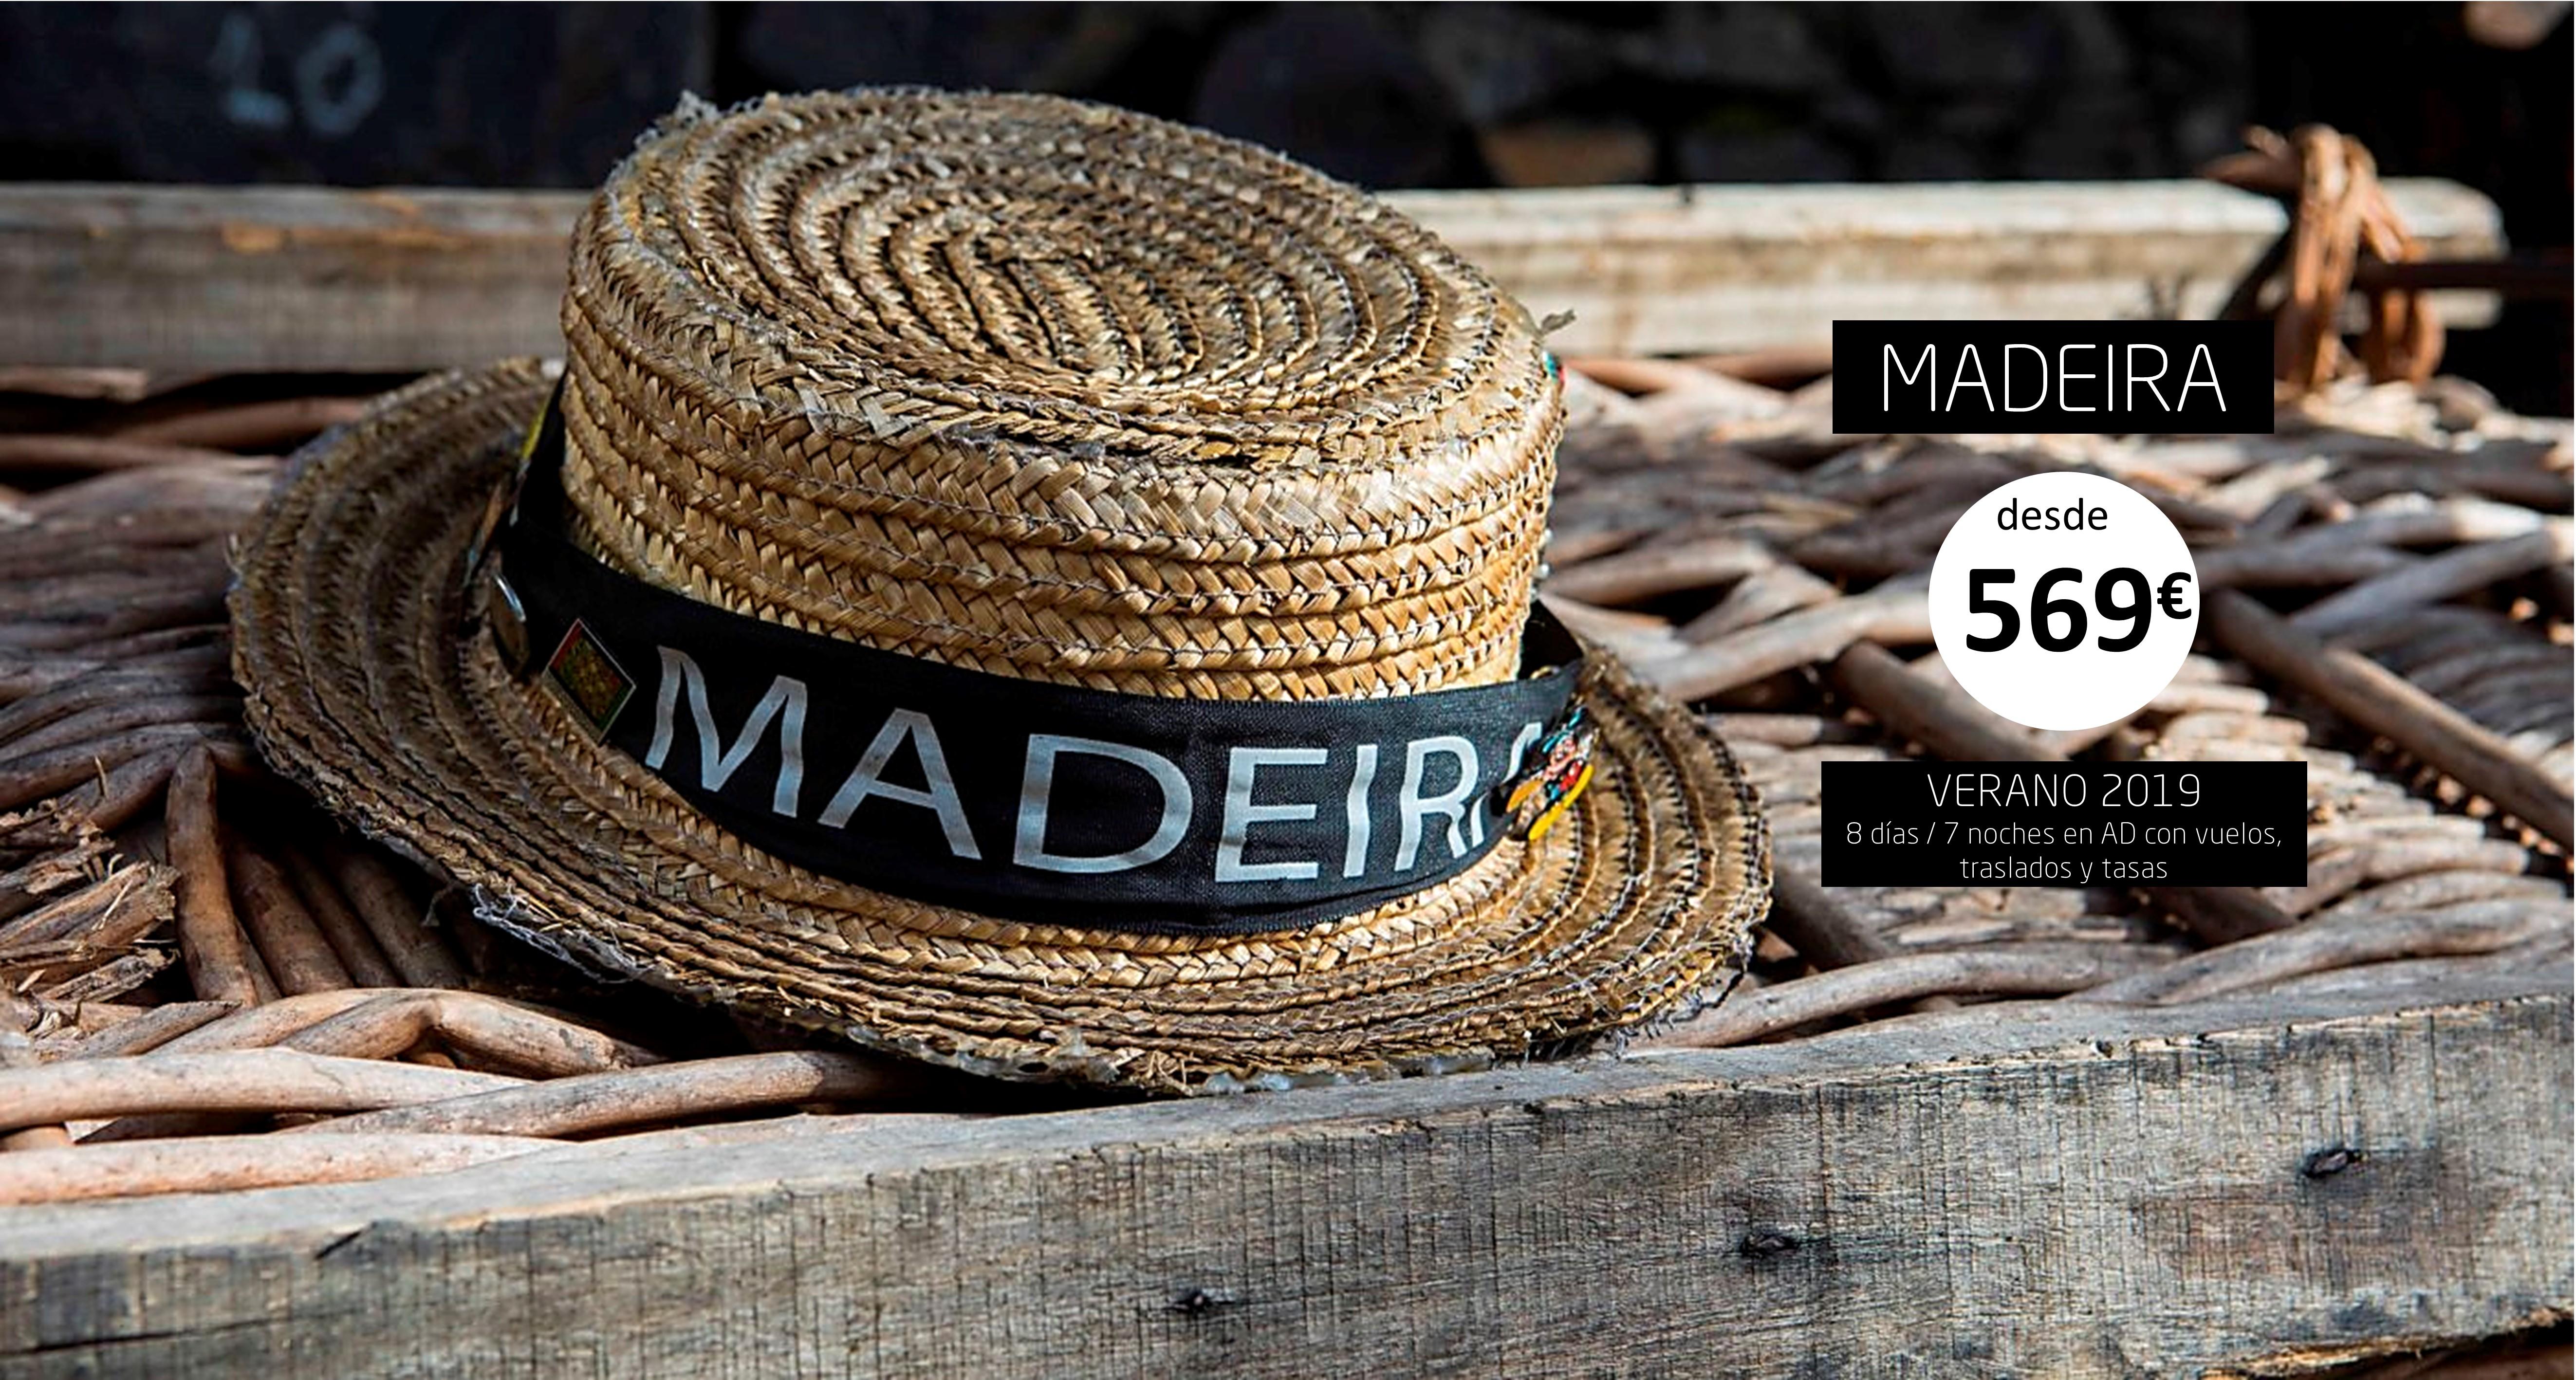 Madeira - Verano 2019